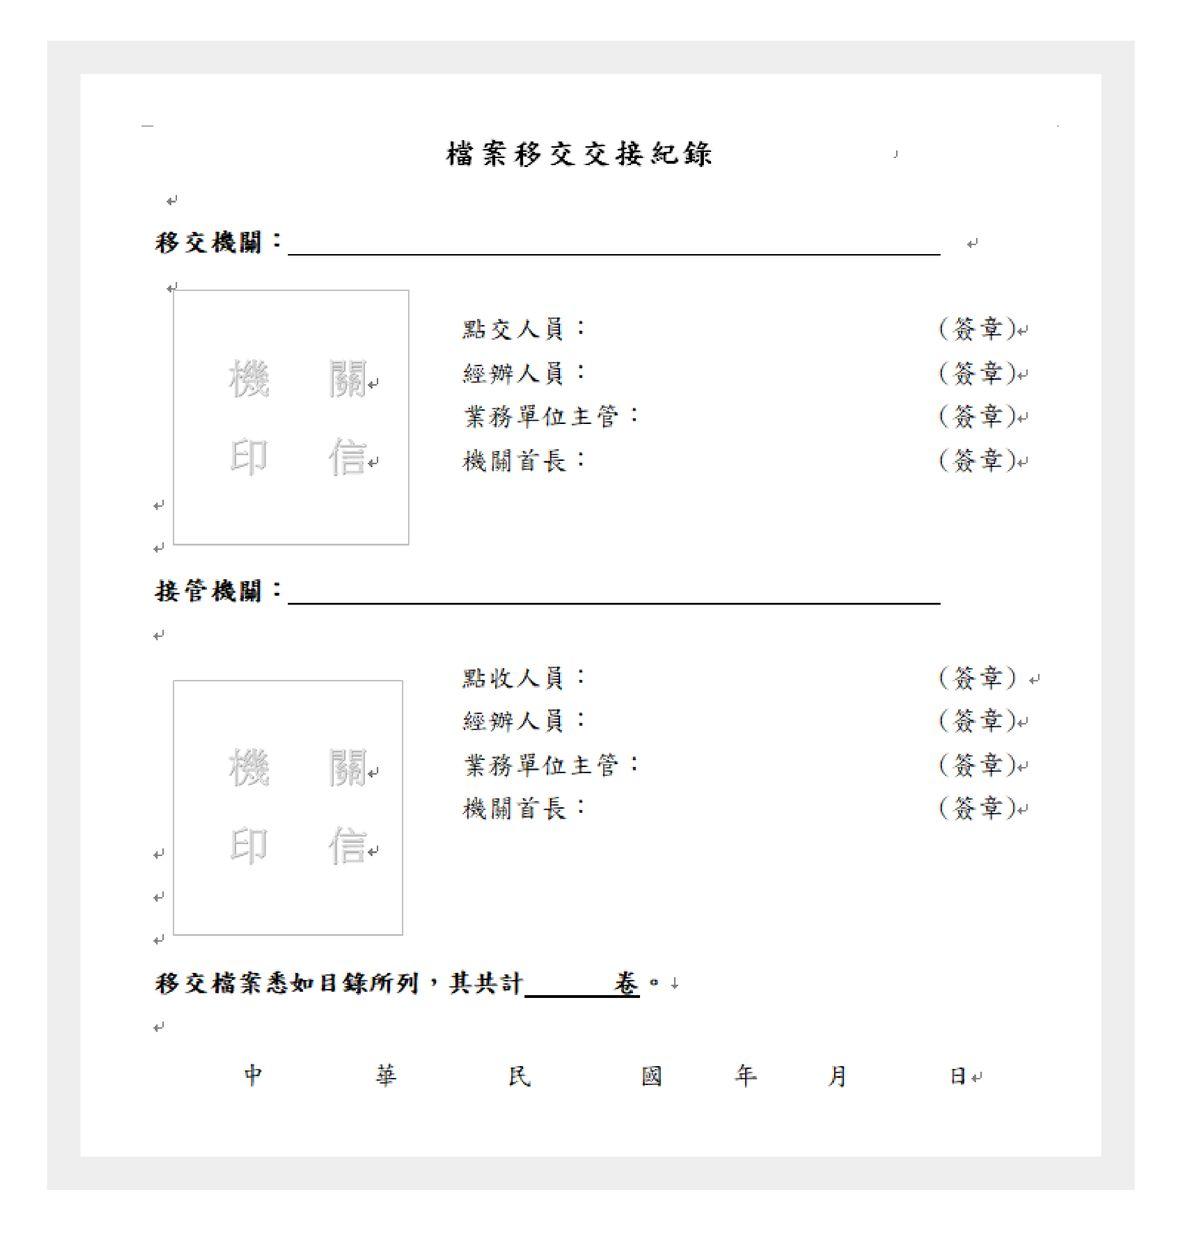 圖2 檔案移交交接紀錄(參考格式)